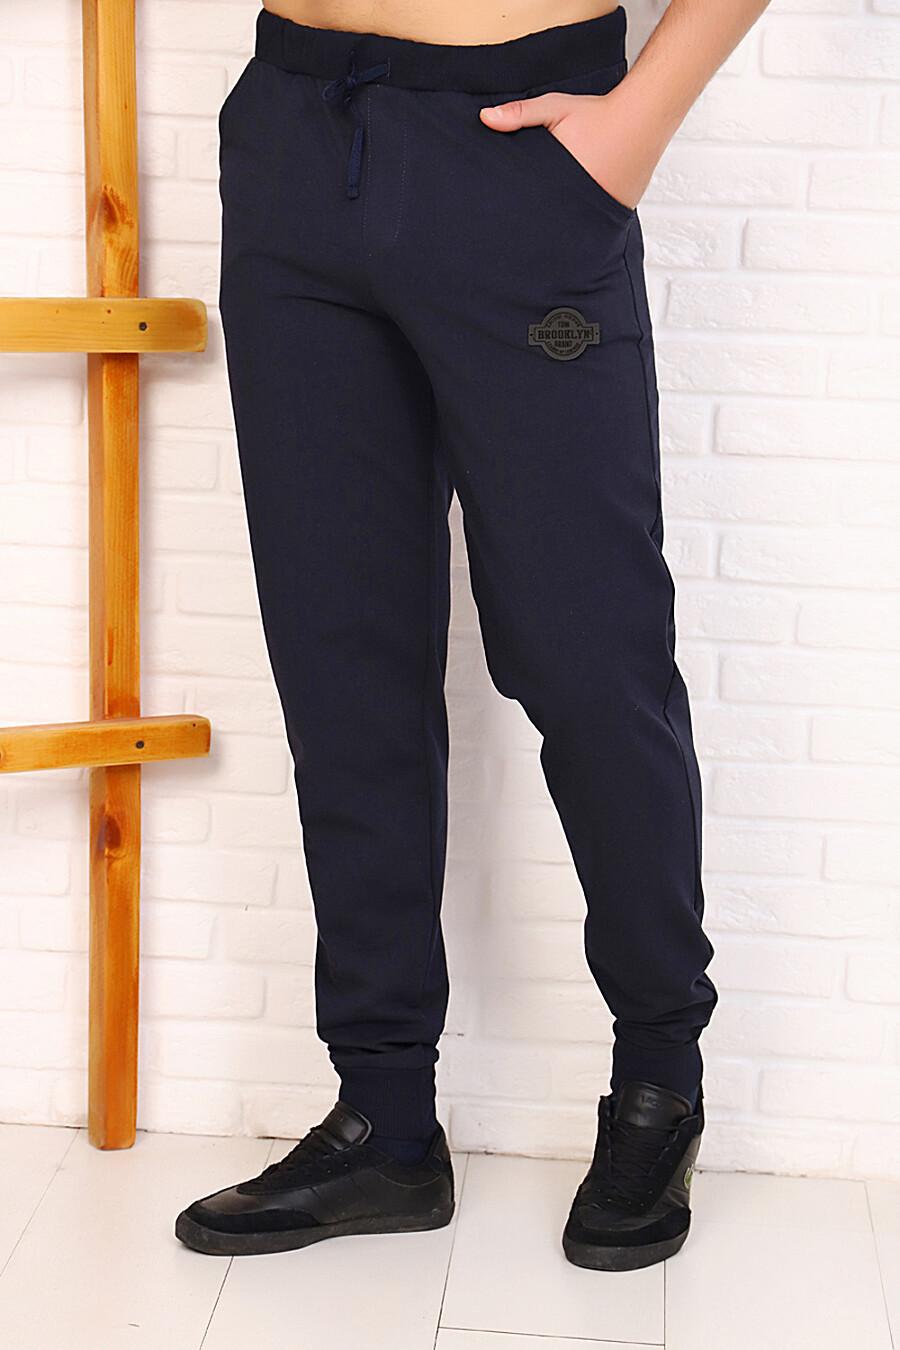 Брюки  23802 для мужчин НАТАЛИ 321661 купить оптом от производителя. Совместная покупка мужской одежды в OptMoyo